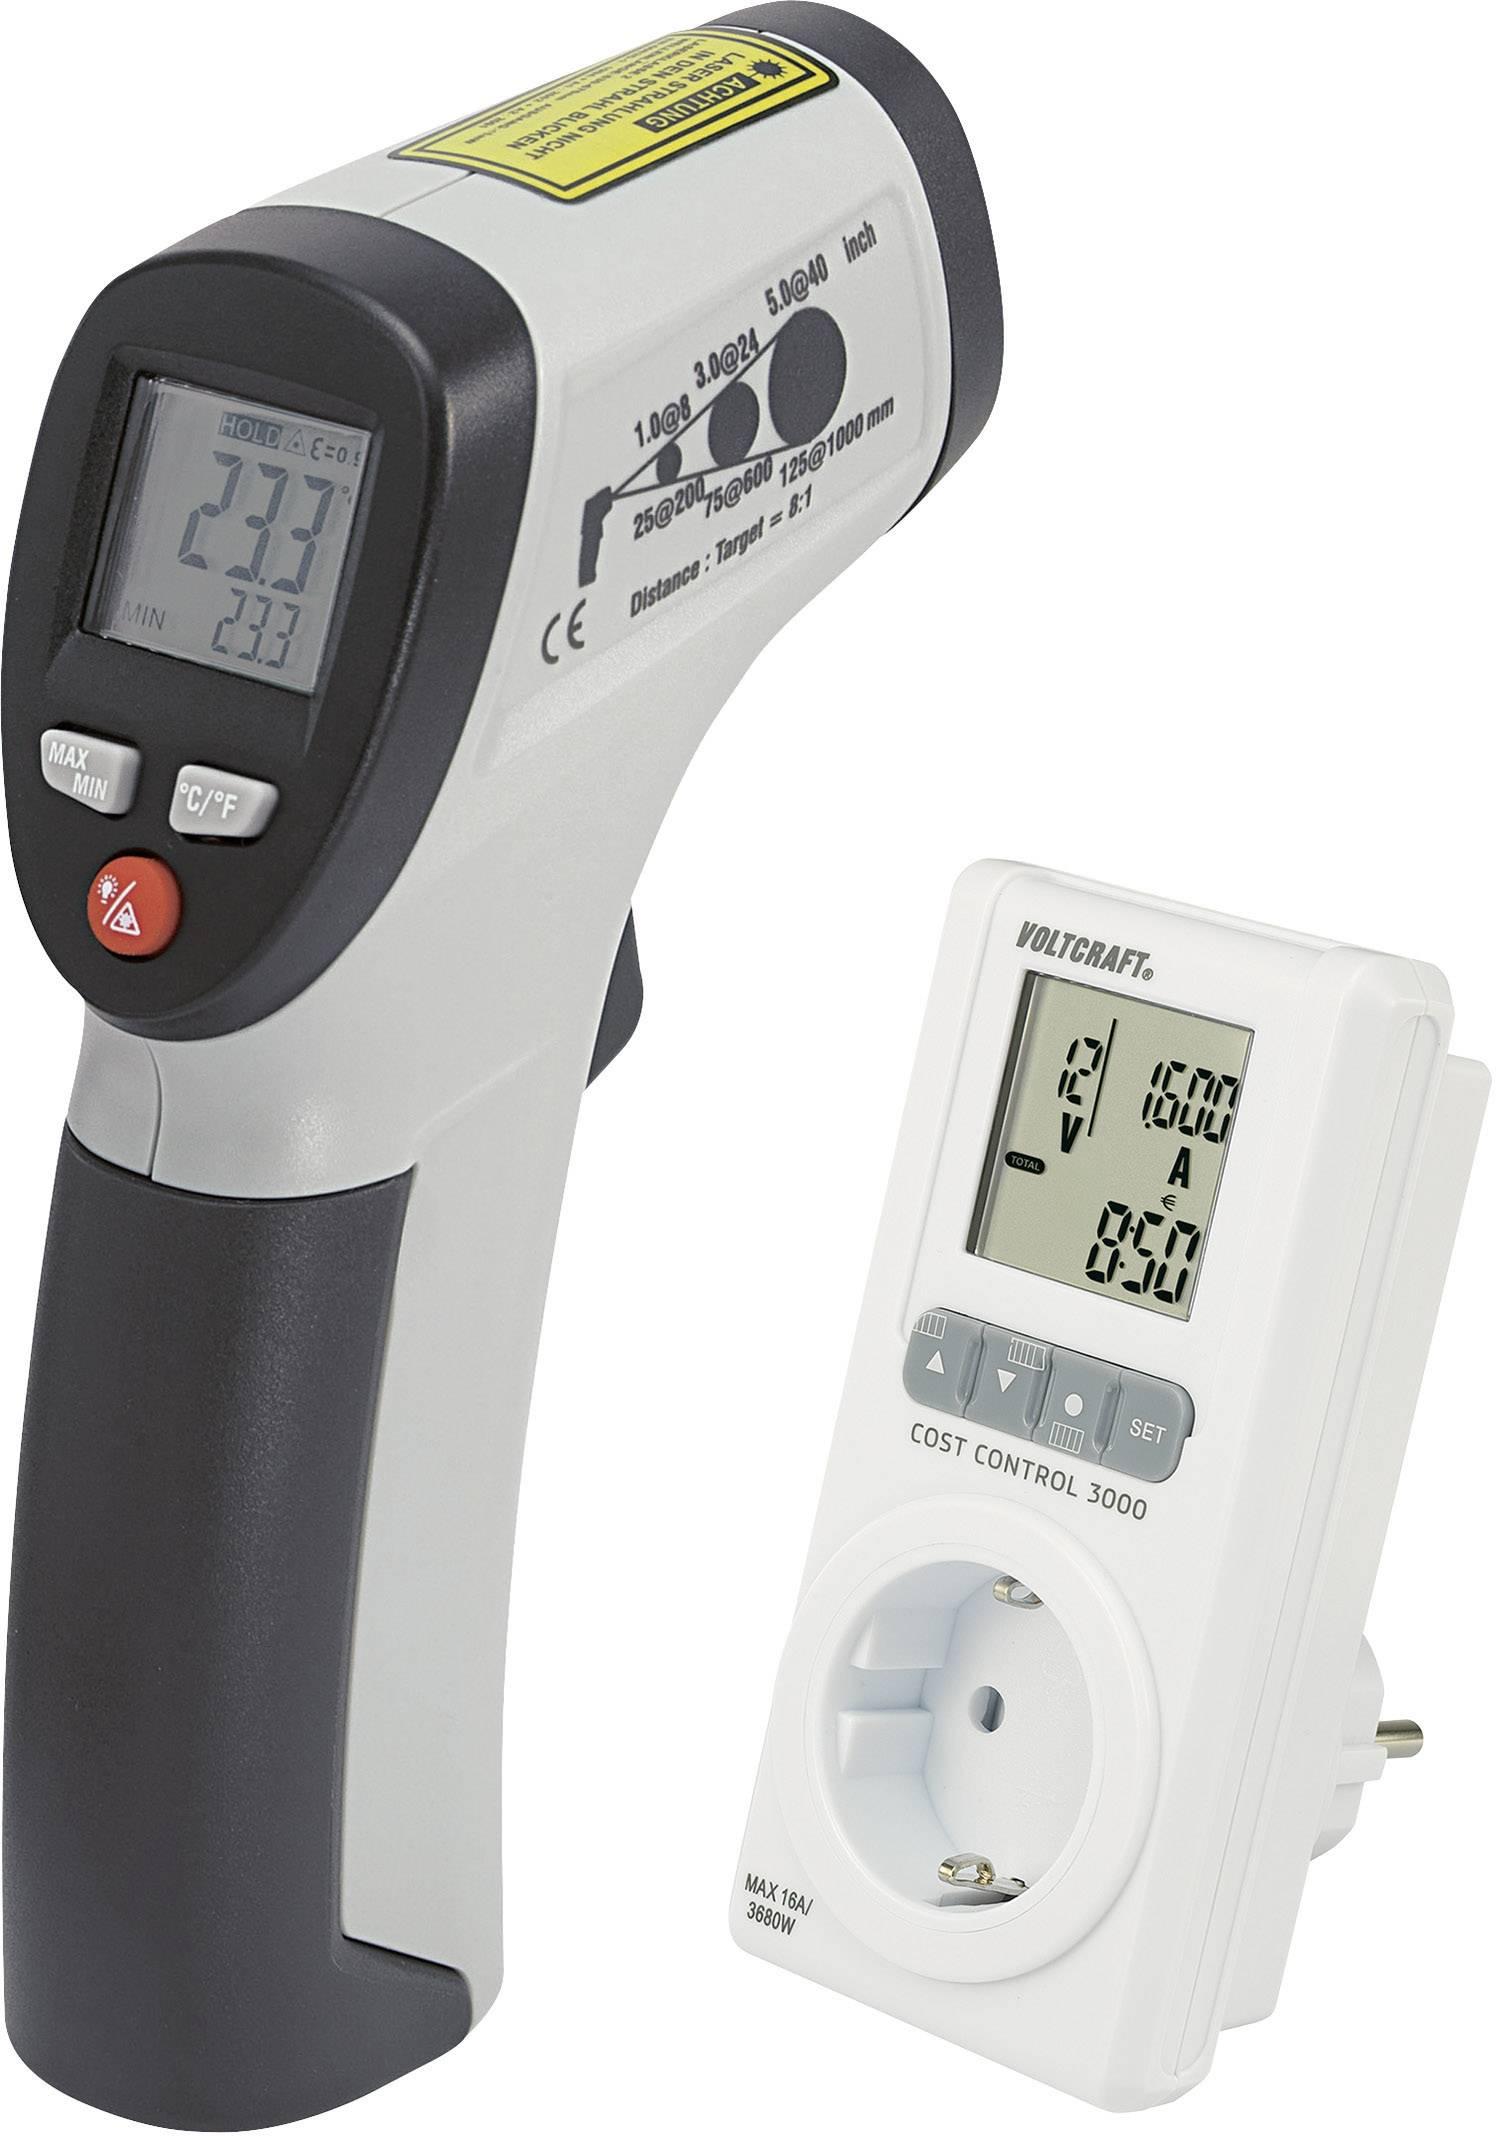 IČ teplomer IR 260-8S a Cost Control 3000 LCD